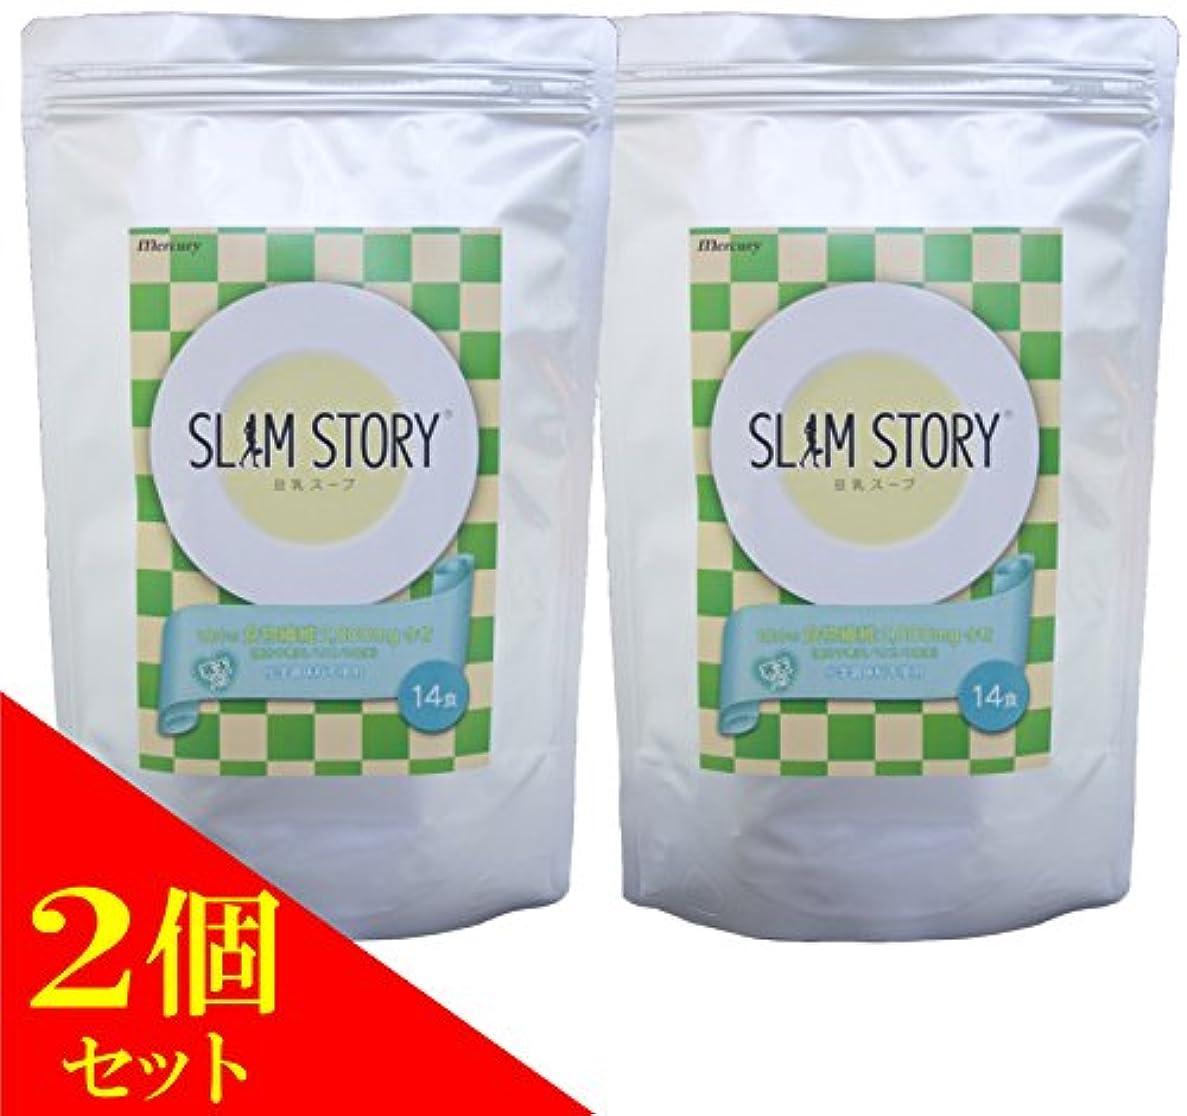 専門化する自発見通し(2個)マーキュリー SLIM STORY 豆乳スープ 14食×2個セット/化学調味料 不使用(4947041155176)